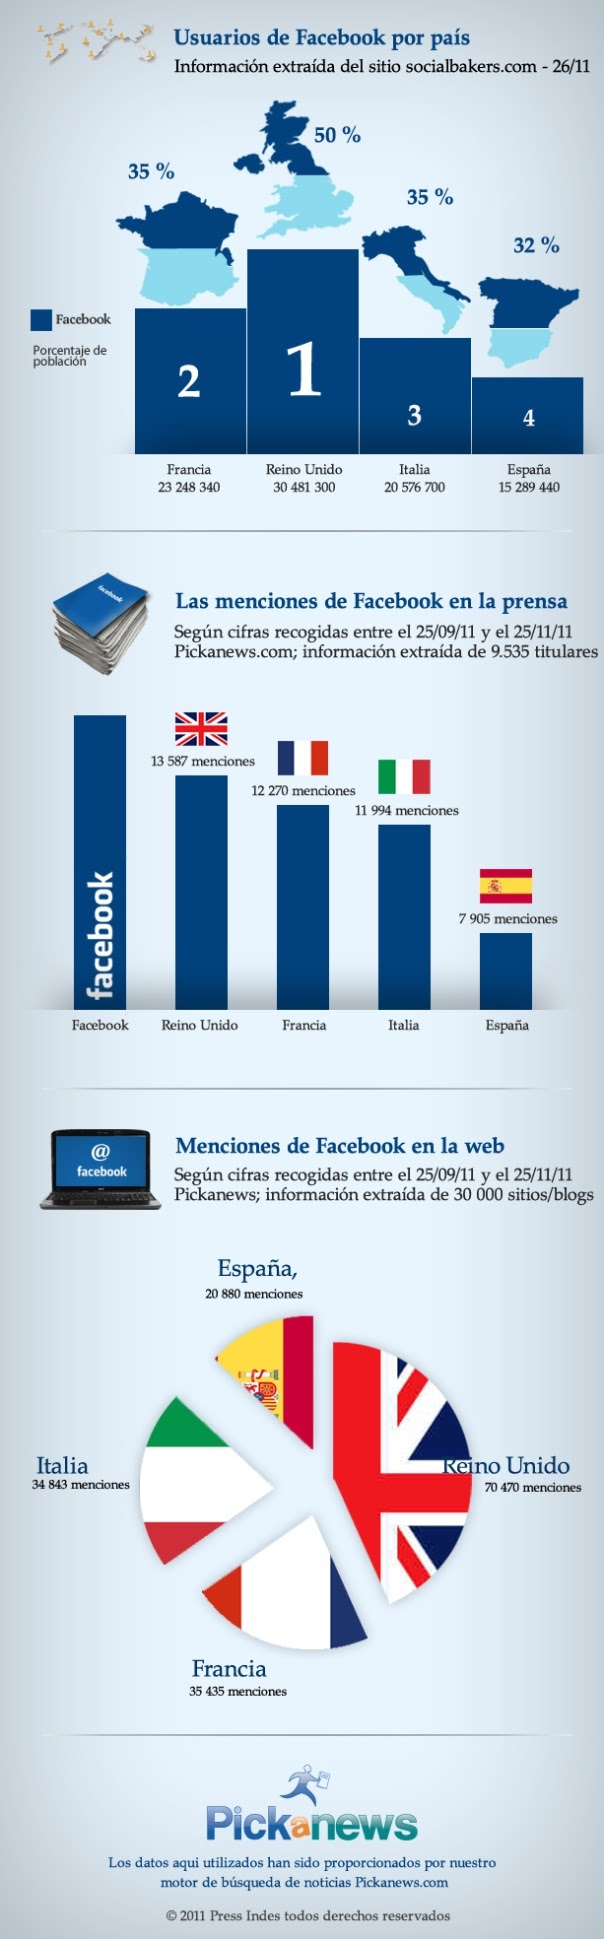 Europa: Usuarios de Facebook por país - Infografía